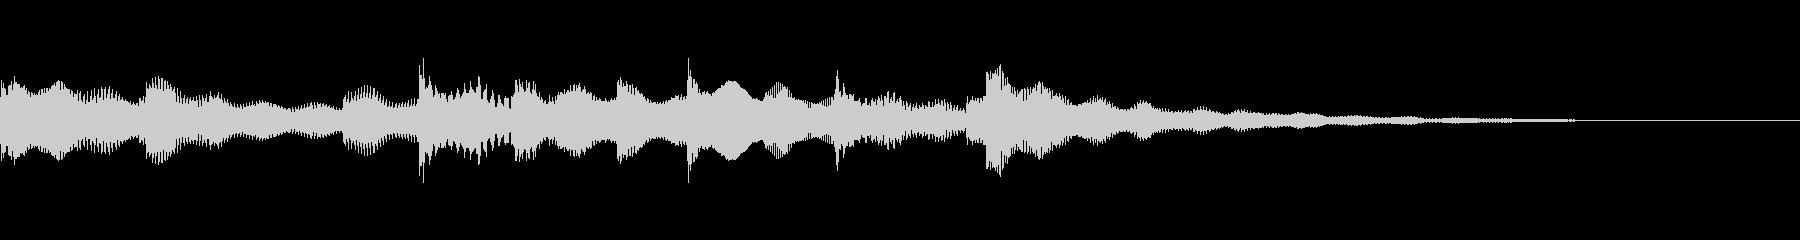 癒される雰囲気のエレピジングルの未再生の波形